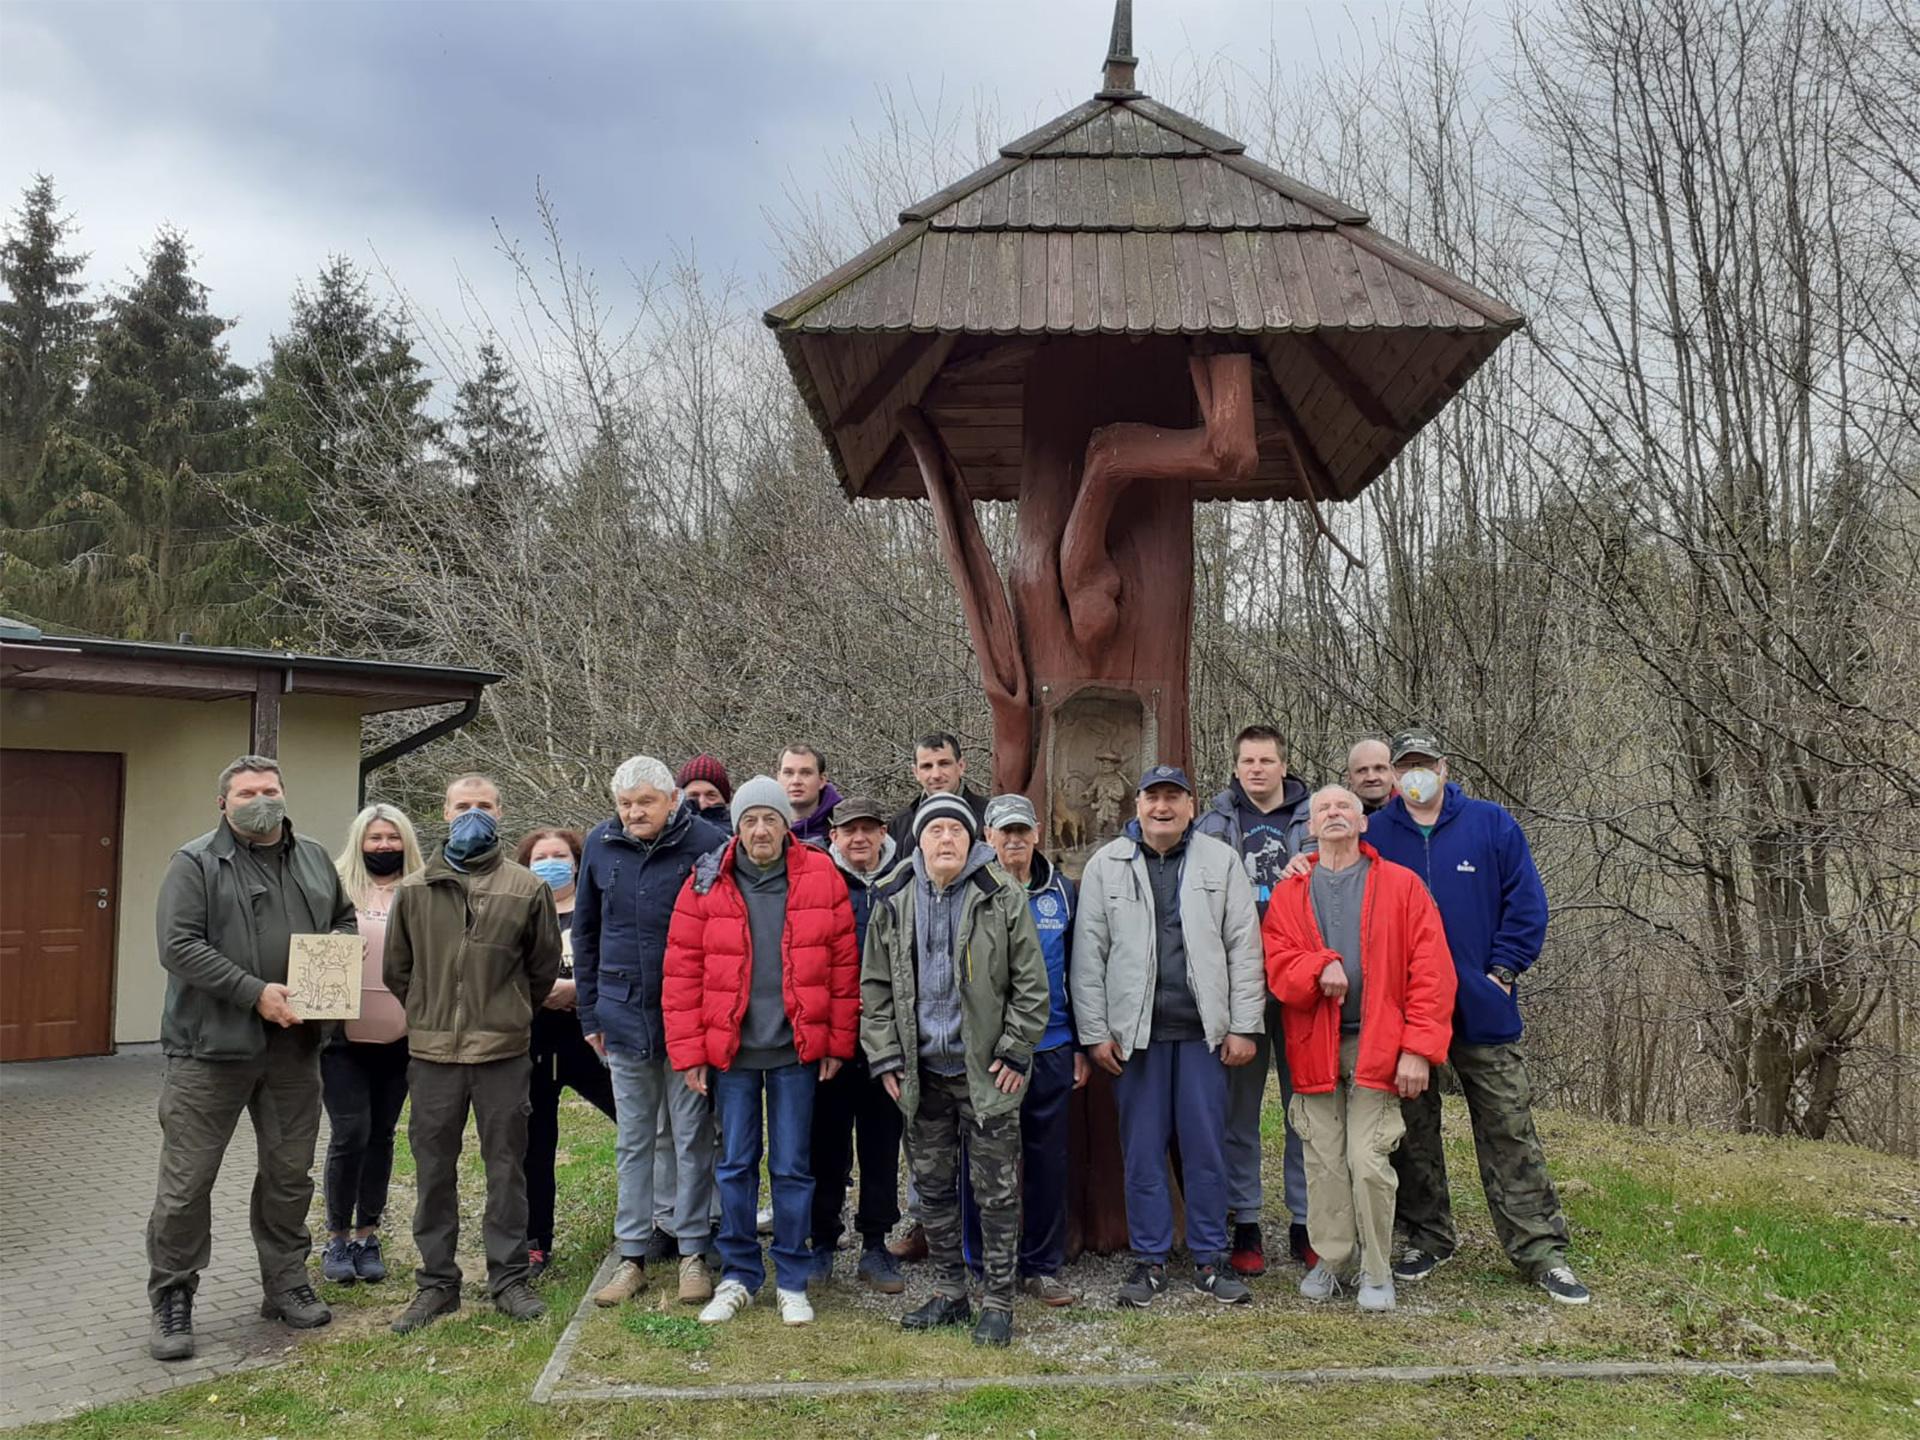 Grupa mieszkańców niedaleko leśniczówki, grupa stoi na dworzu